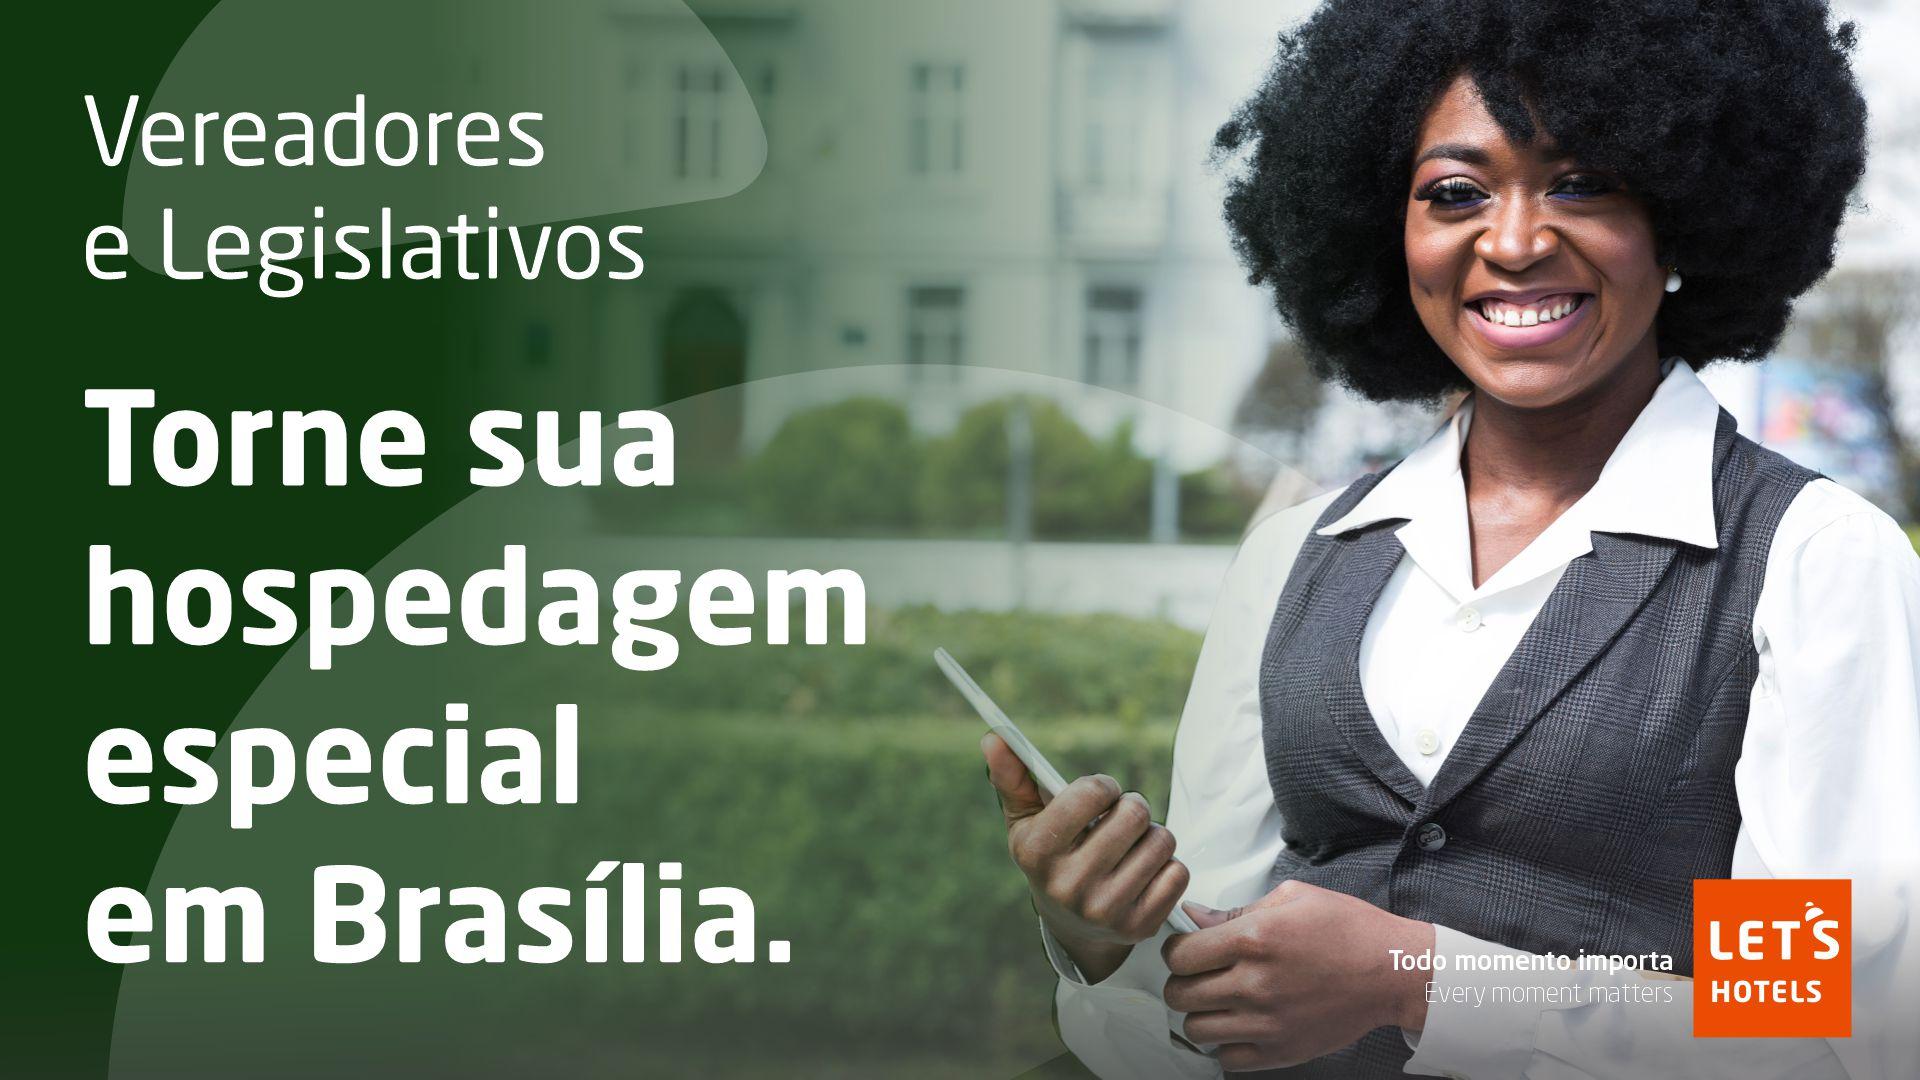 legislativos e vereadores do brasil